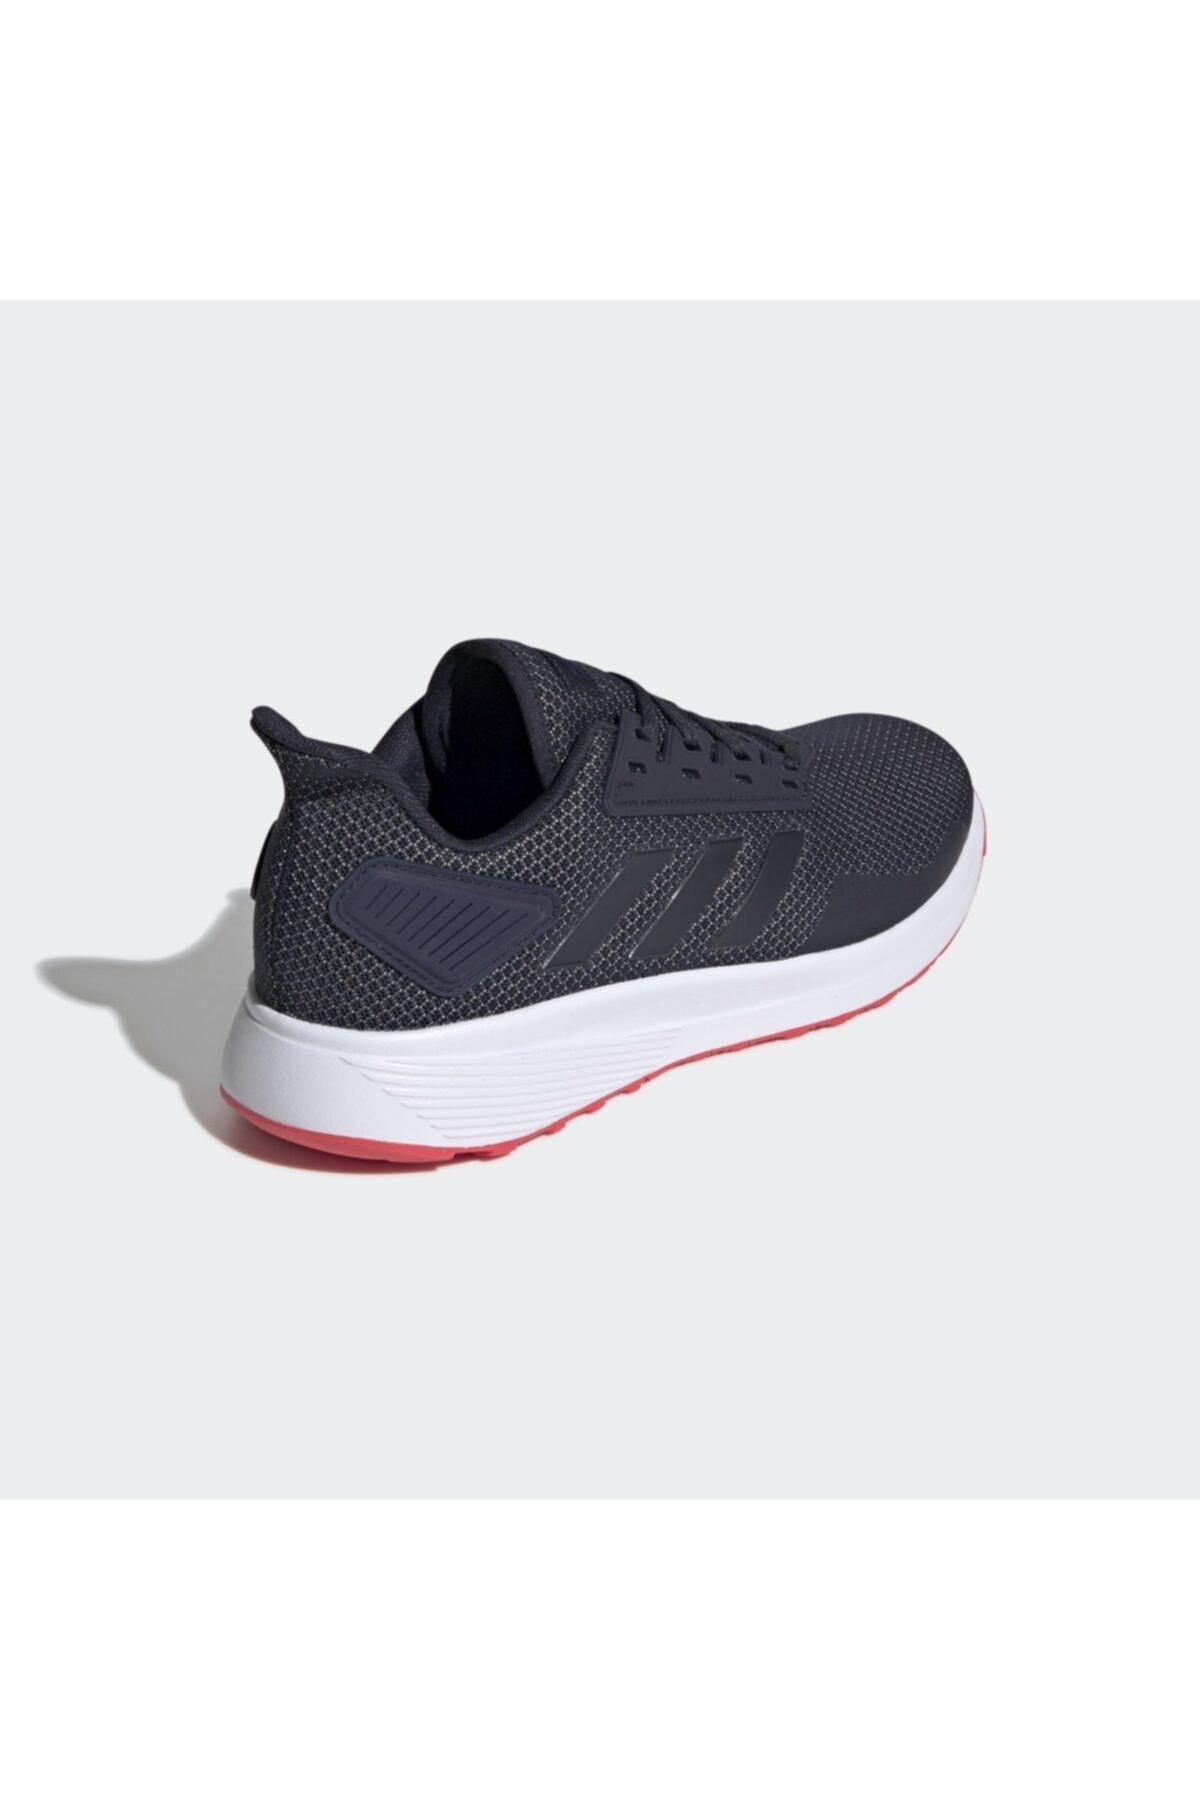 adidas Erkek Koşu Ayakkabısı Spor Lacivert F34498 Duramo 9 2